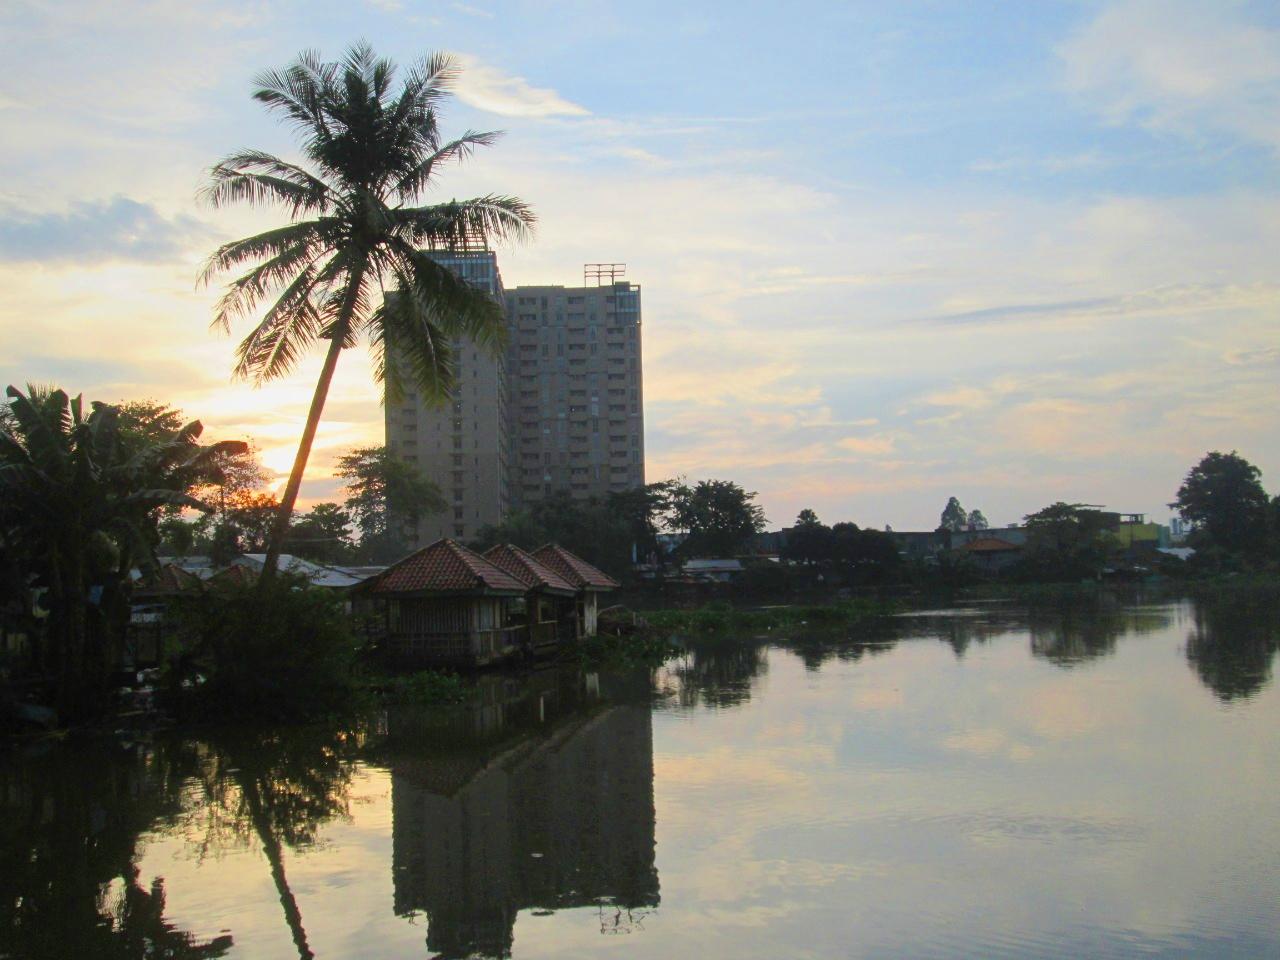 Intip Keseruan Mancing Ikan di Danau Kelapa Dua